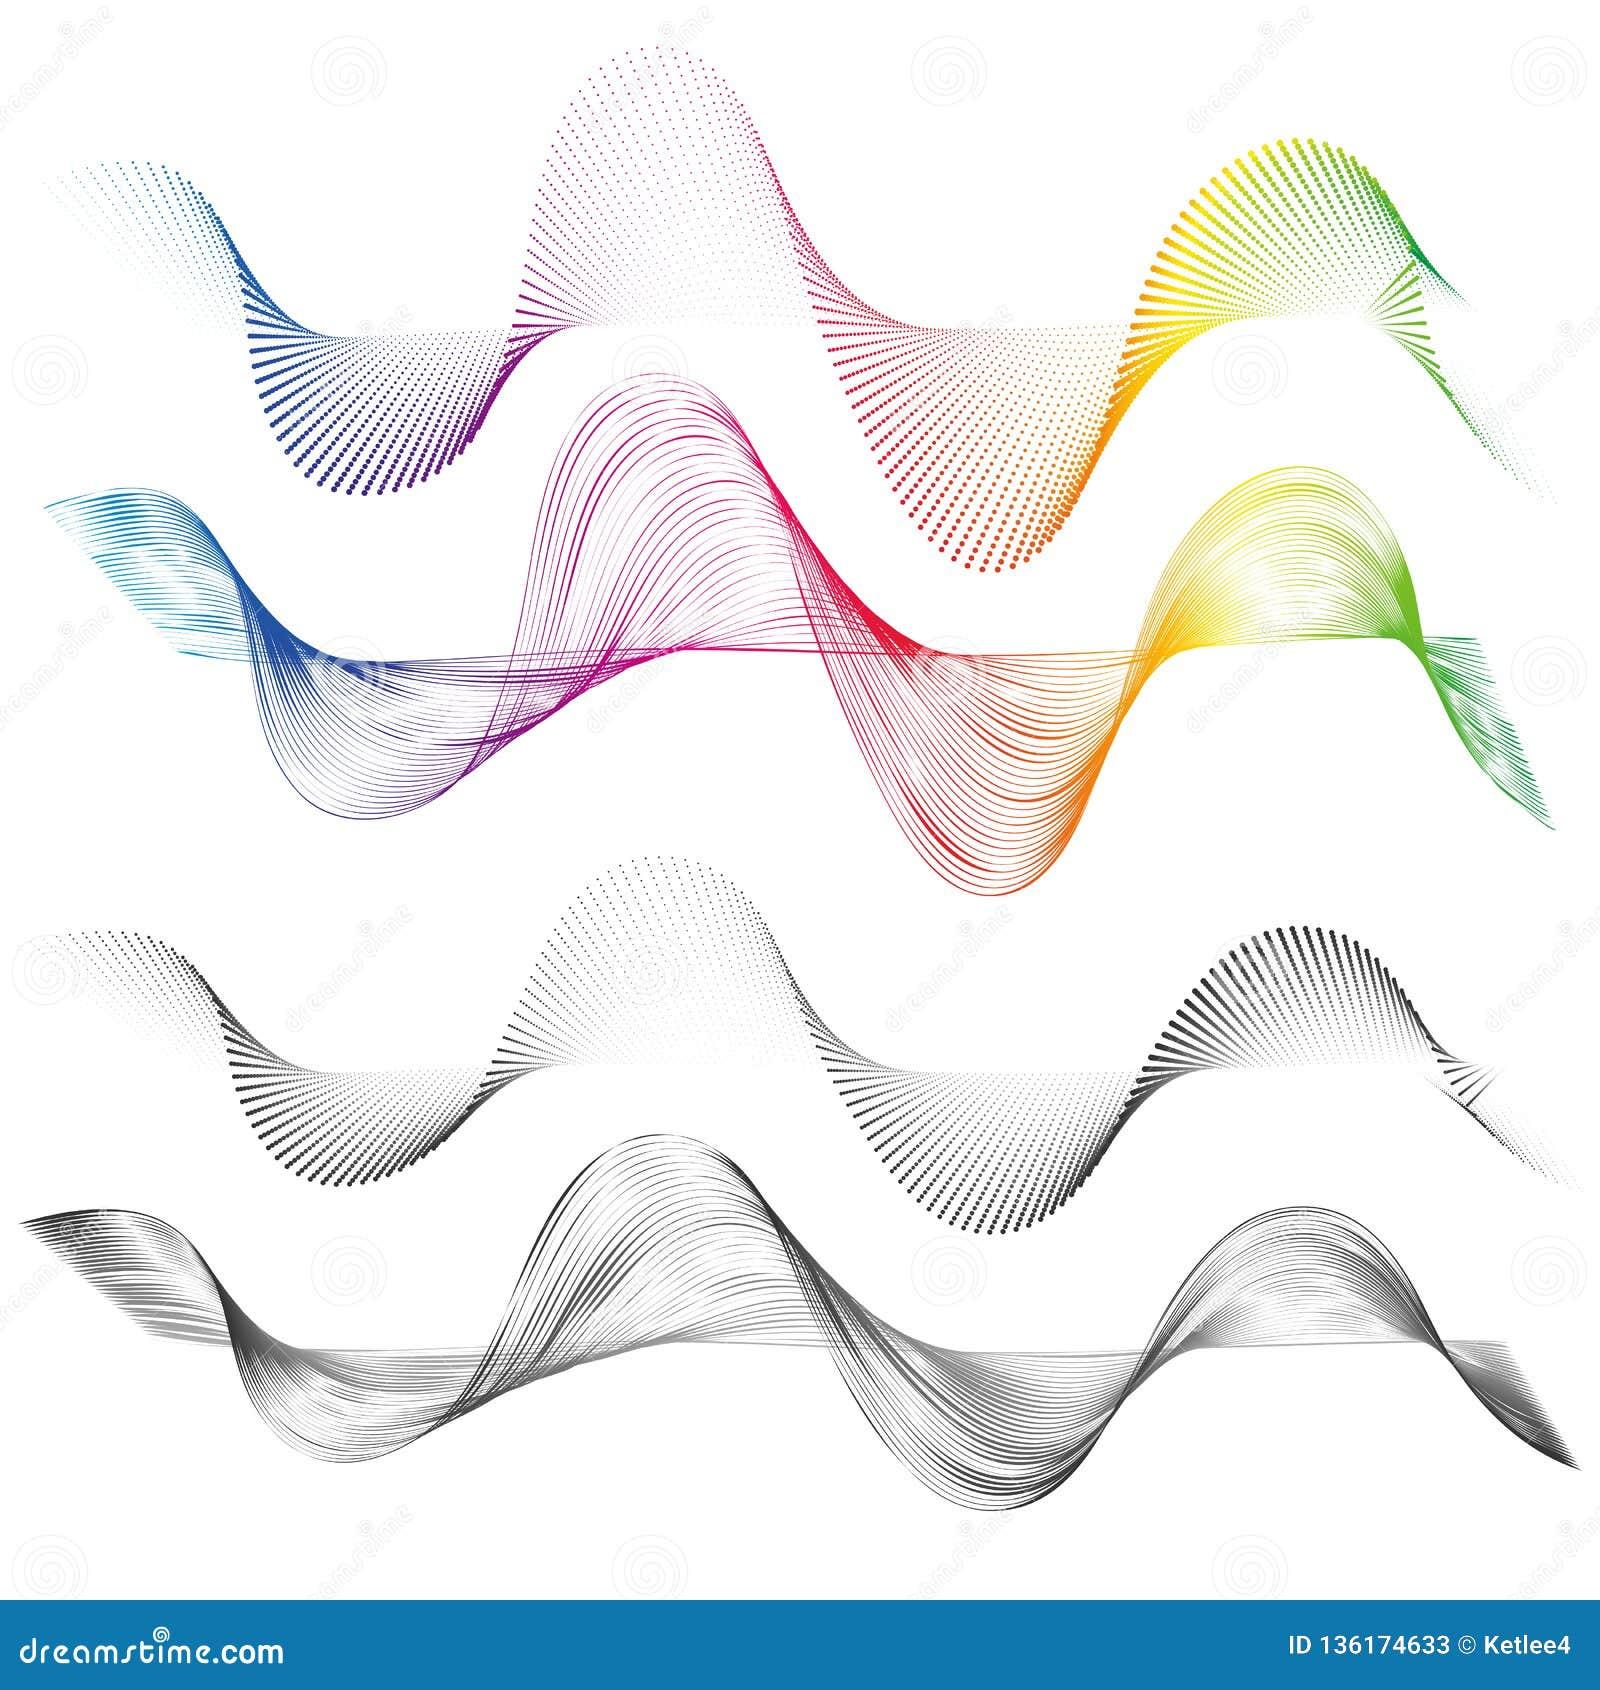 摘要光滑的弯曲的线设计与一条线的元素技术背景在波形形式仿效soundwave